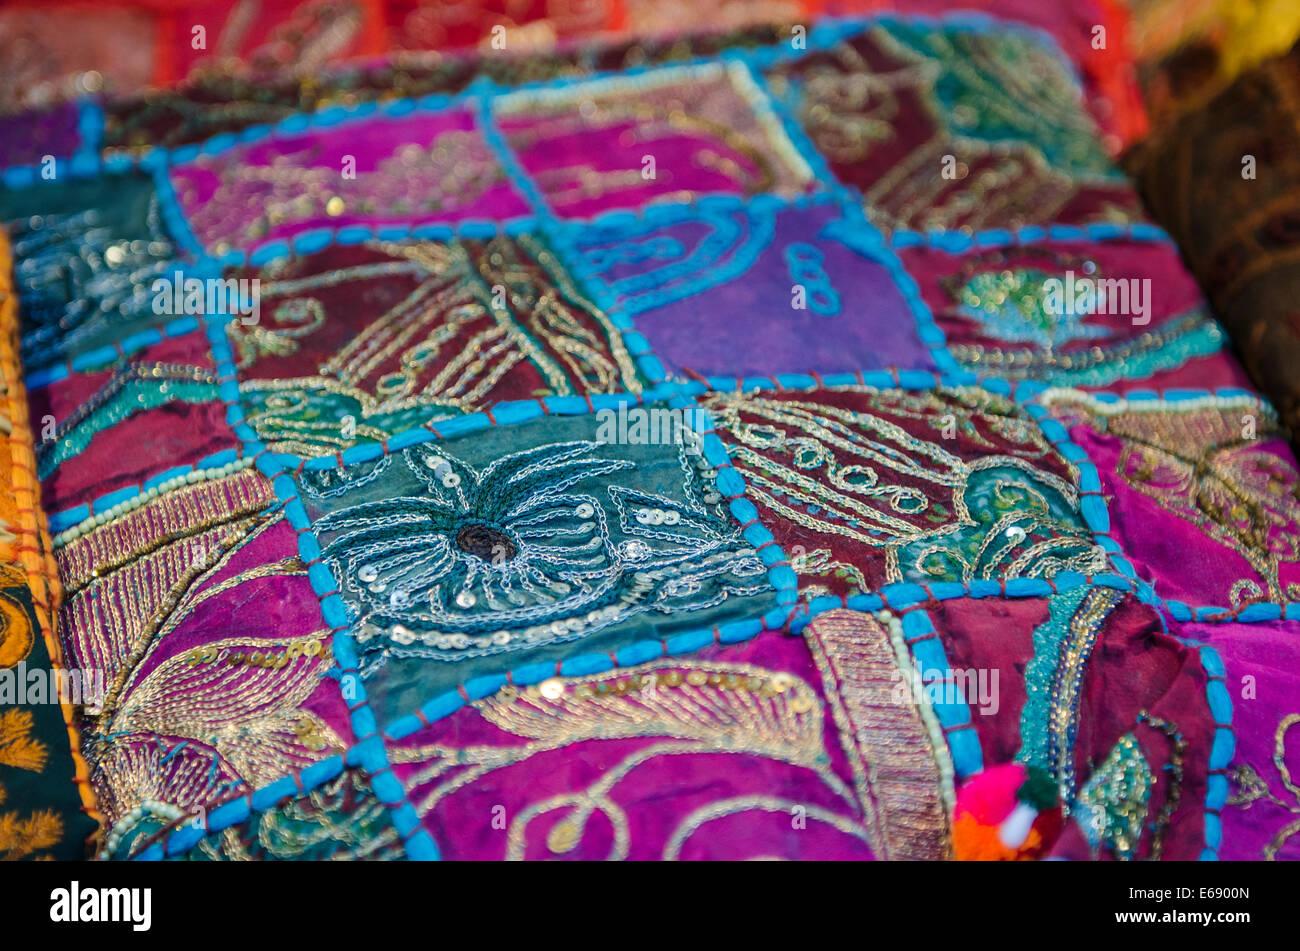 Cojines Y Almohadas De Textiles En El Mercado Souk Madinat Jumeirah - Cojines-arabes